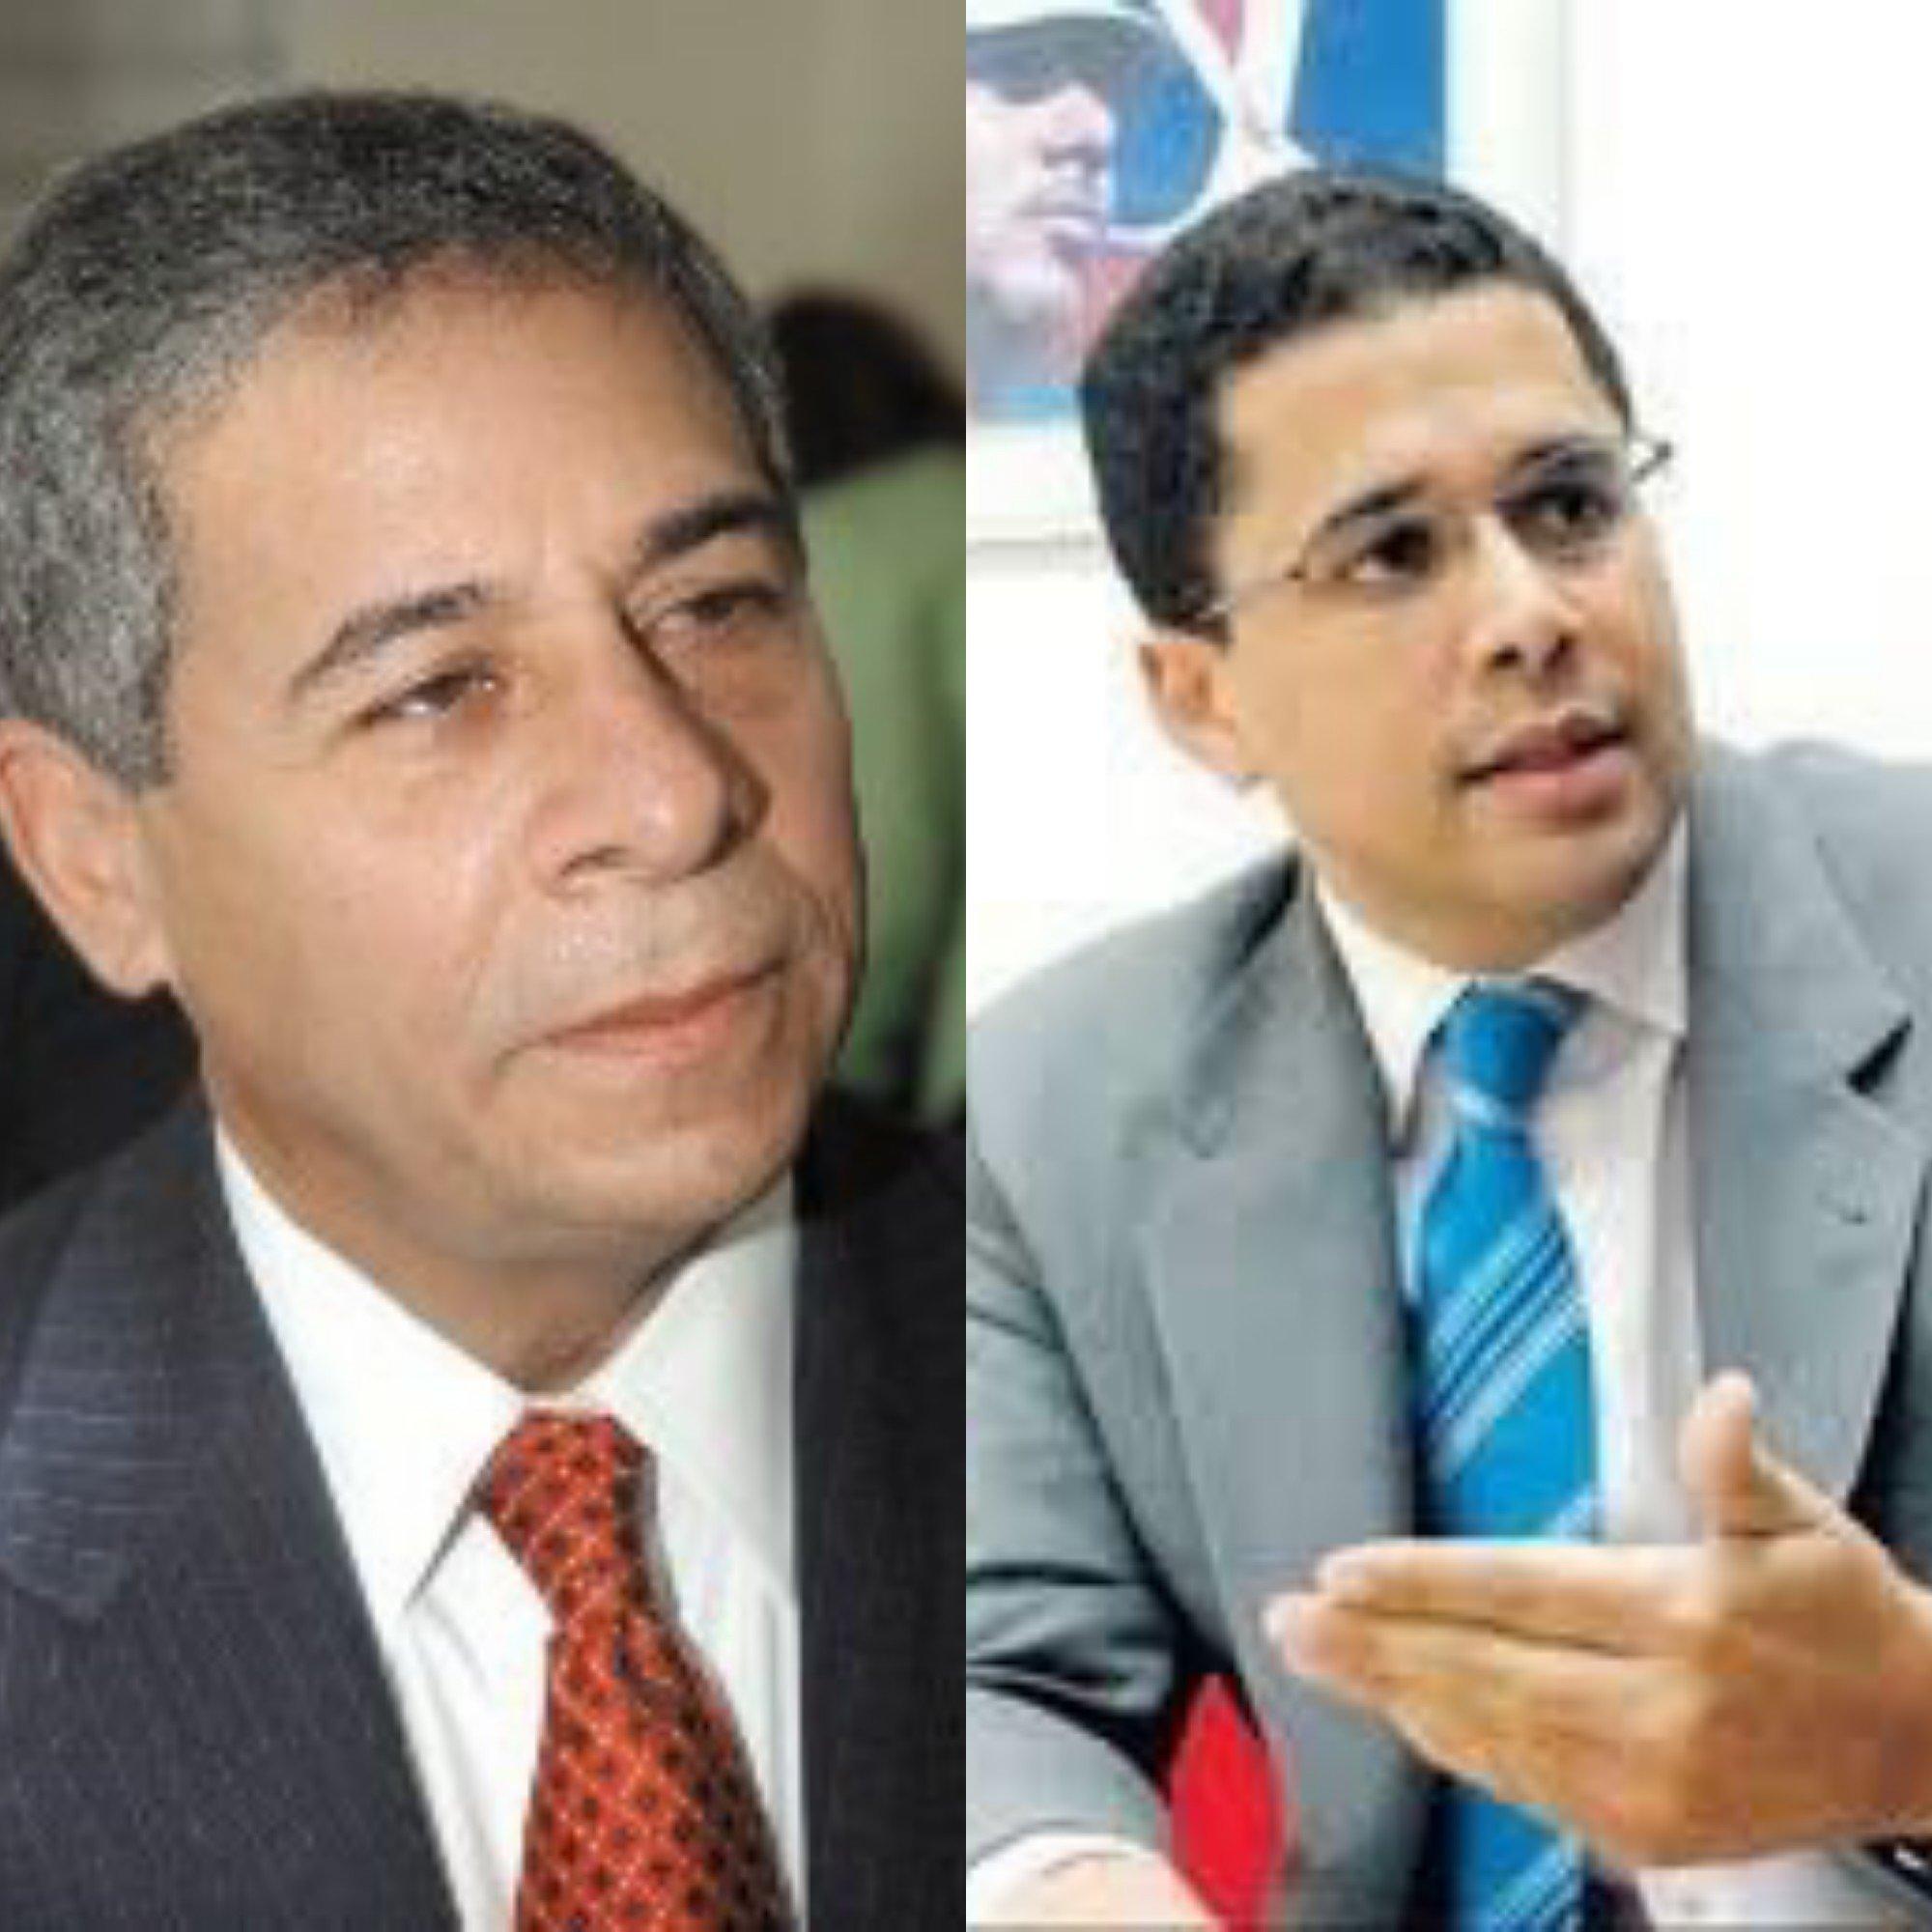 David Collado y Roberto Salcedo ganarían candidaturas, según encuesta